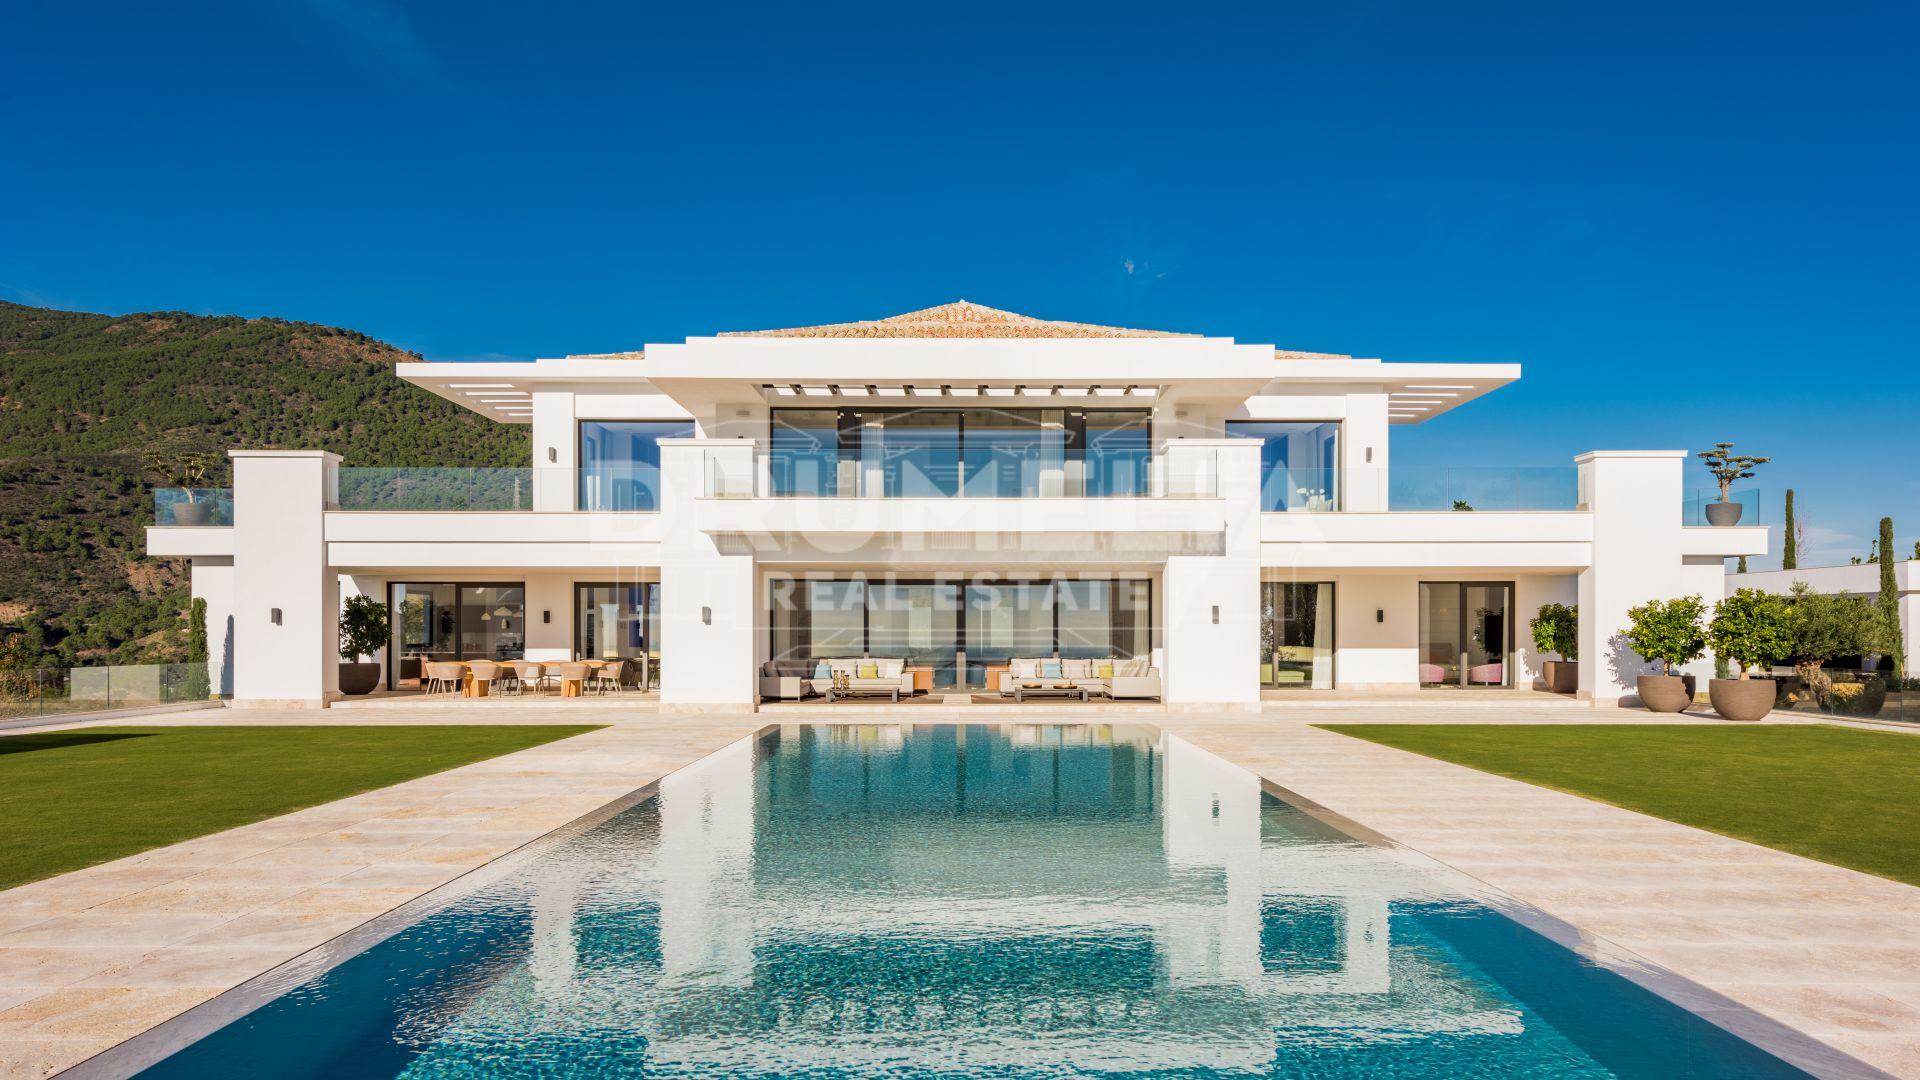 Villa in la zagaleta benahavis